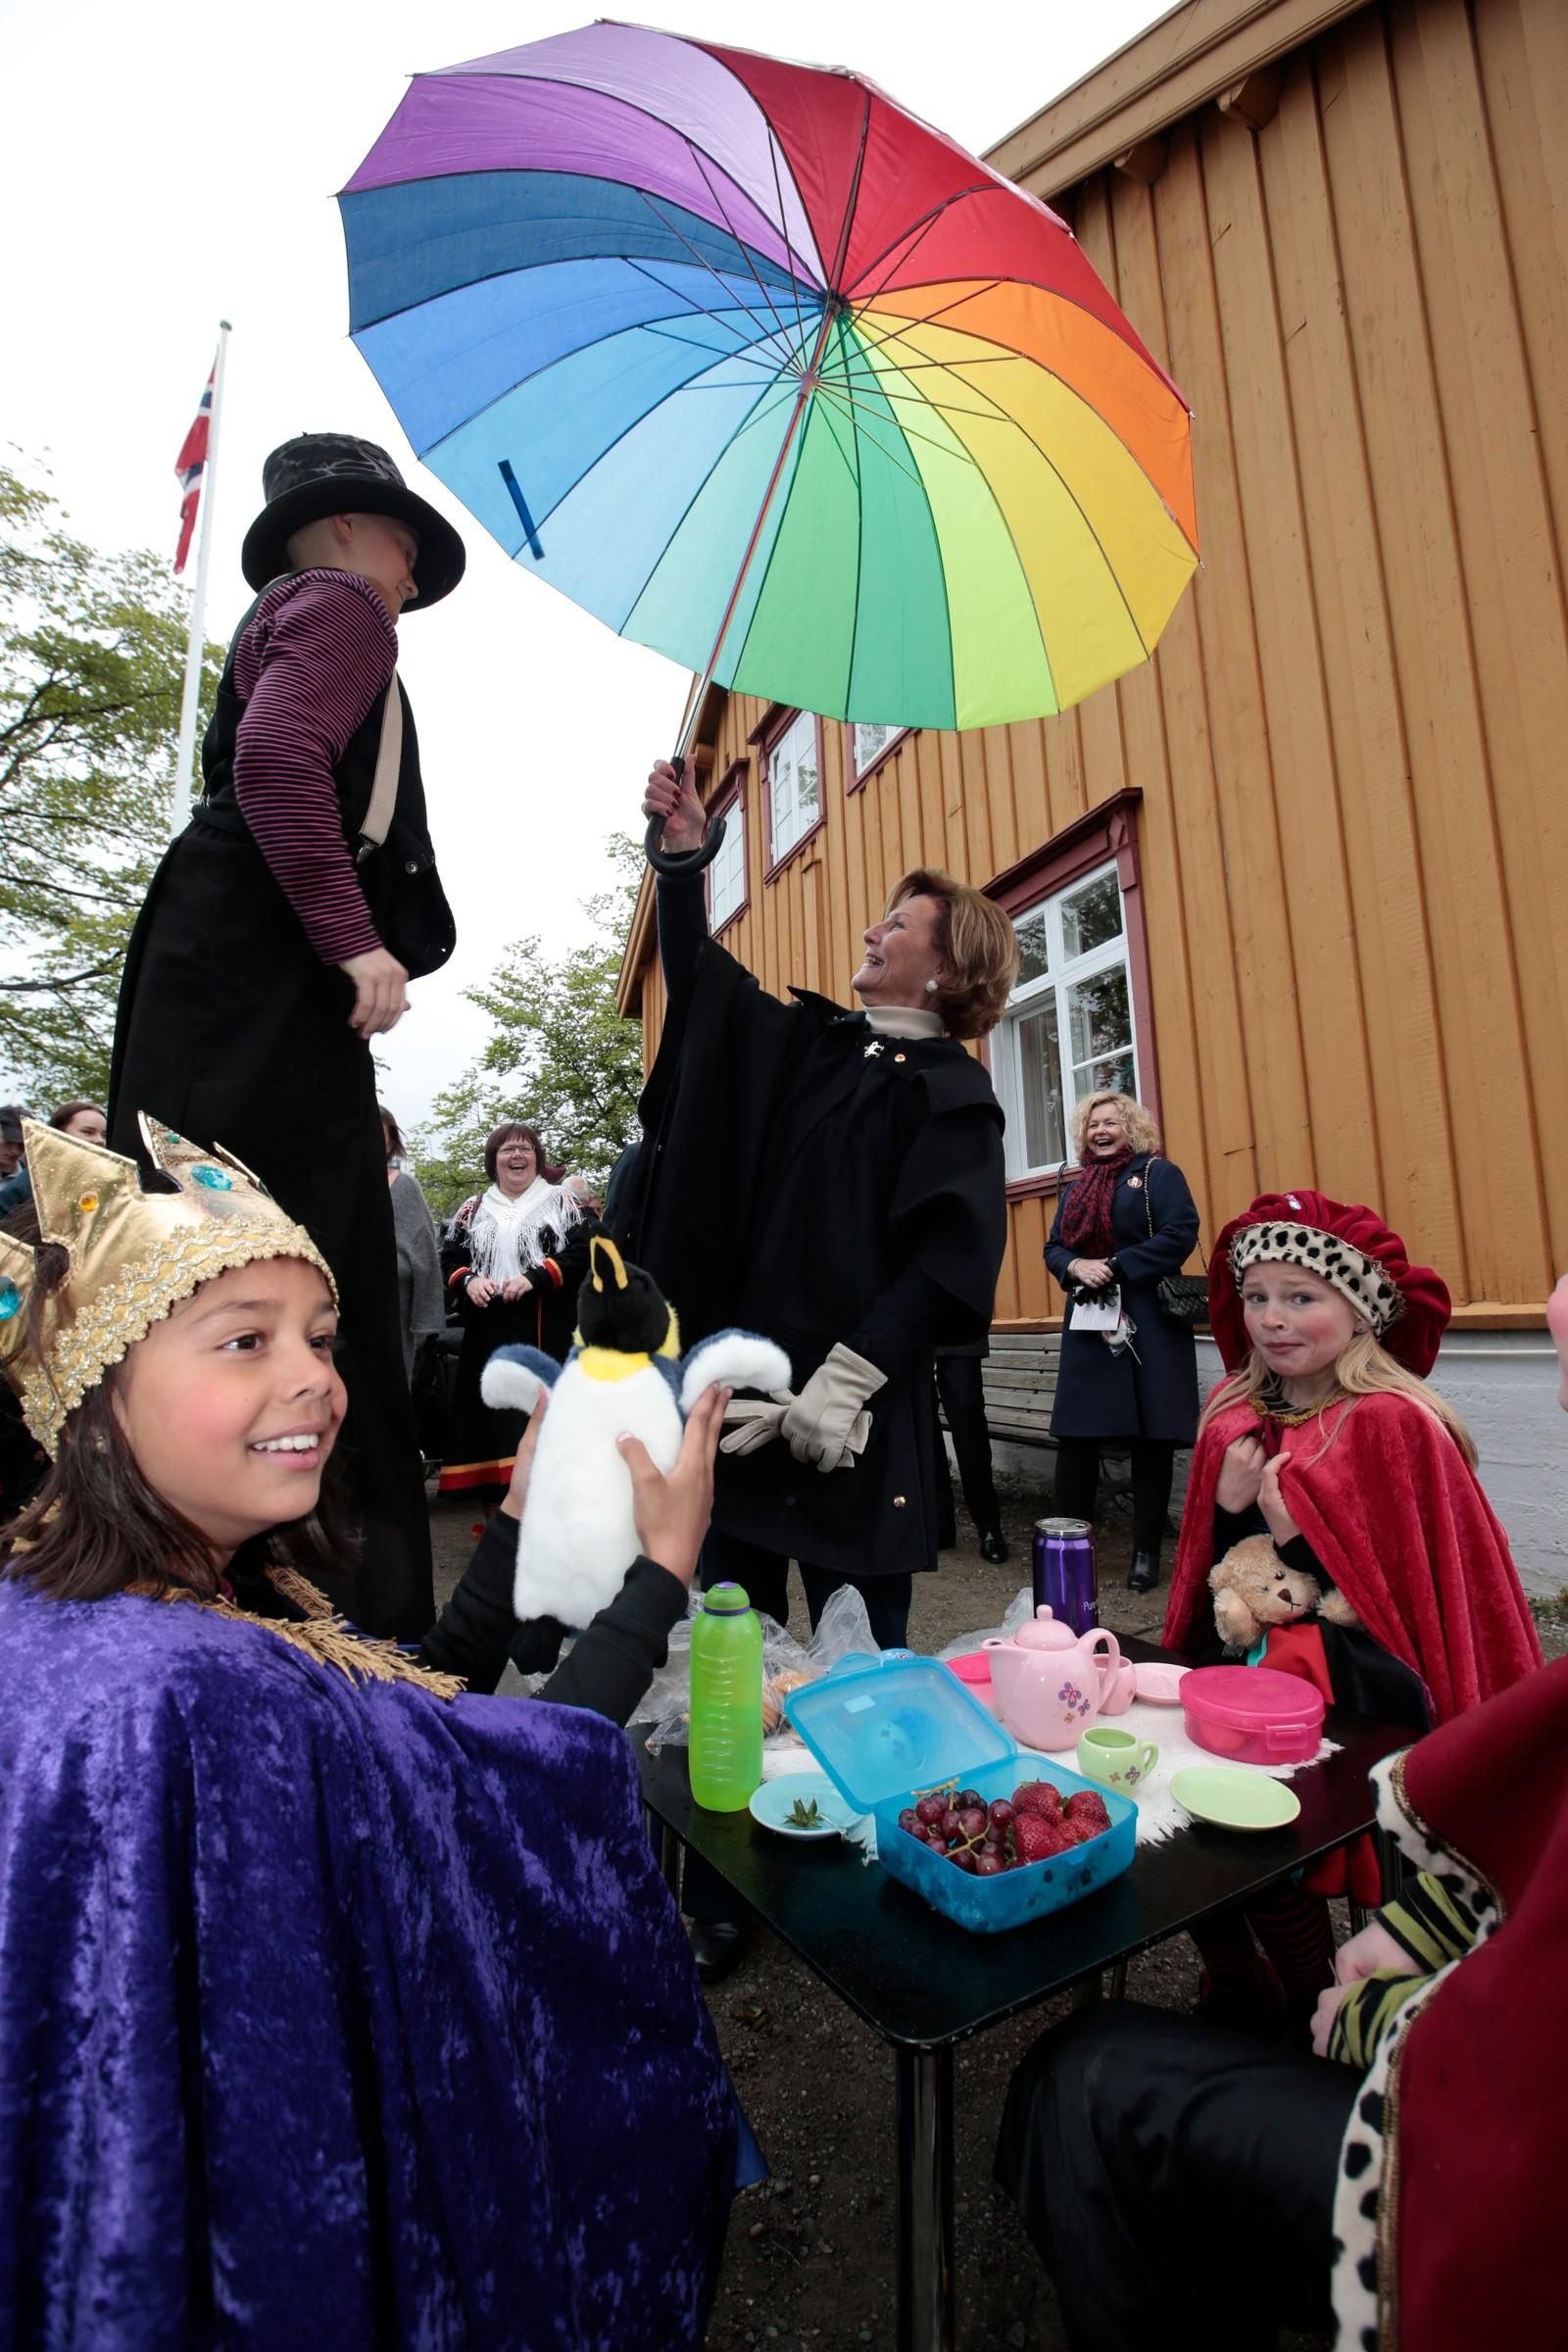 Kong Harald og dronning Sonja starter jubileumsreisen med besøk til Tromsø lørdag. Reisen inngår som en del av markeringen av Kongeparets 25-årsjubileum.  Jubileumsreisen innledes med kongeparets hagefest for 300 inviterte gjester på 'Skansen» i Tromsø. Foto: Lise Åserud / NTB scanpix